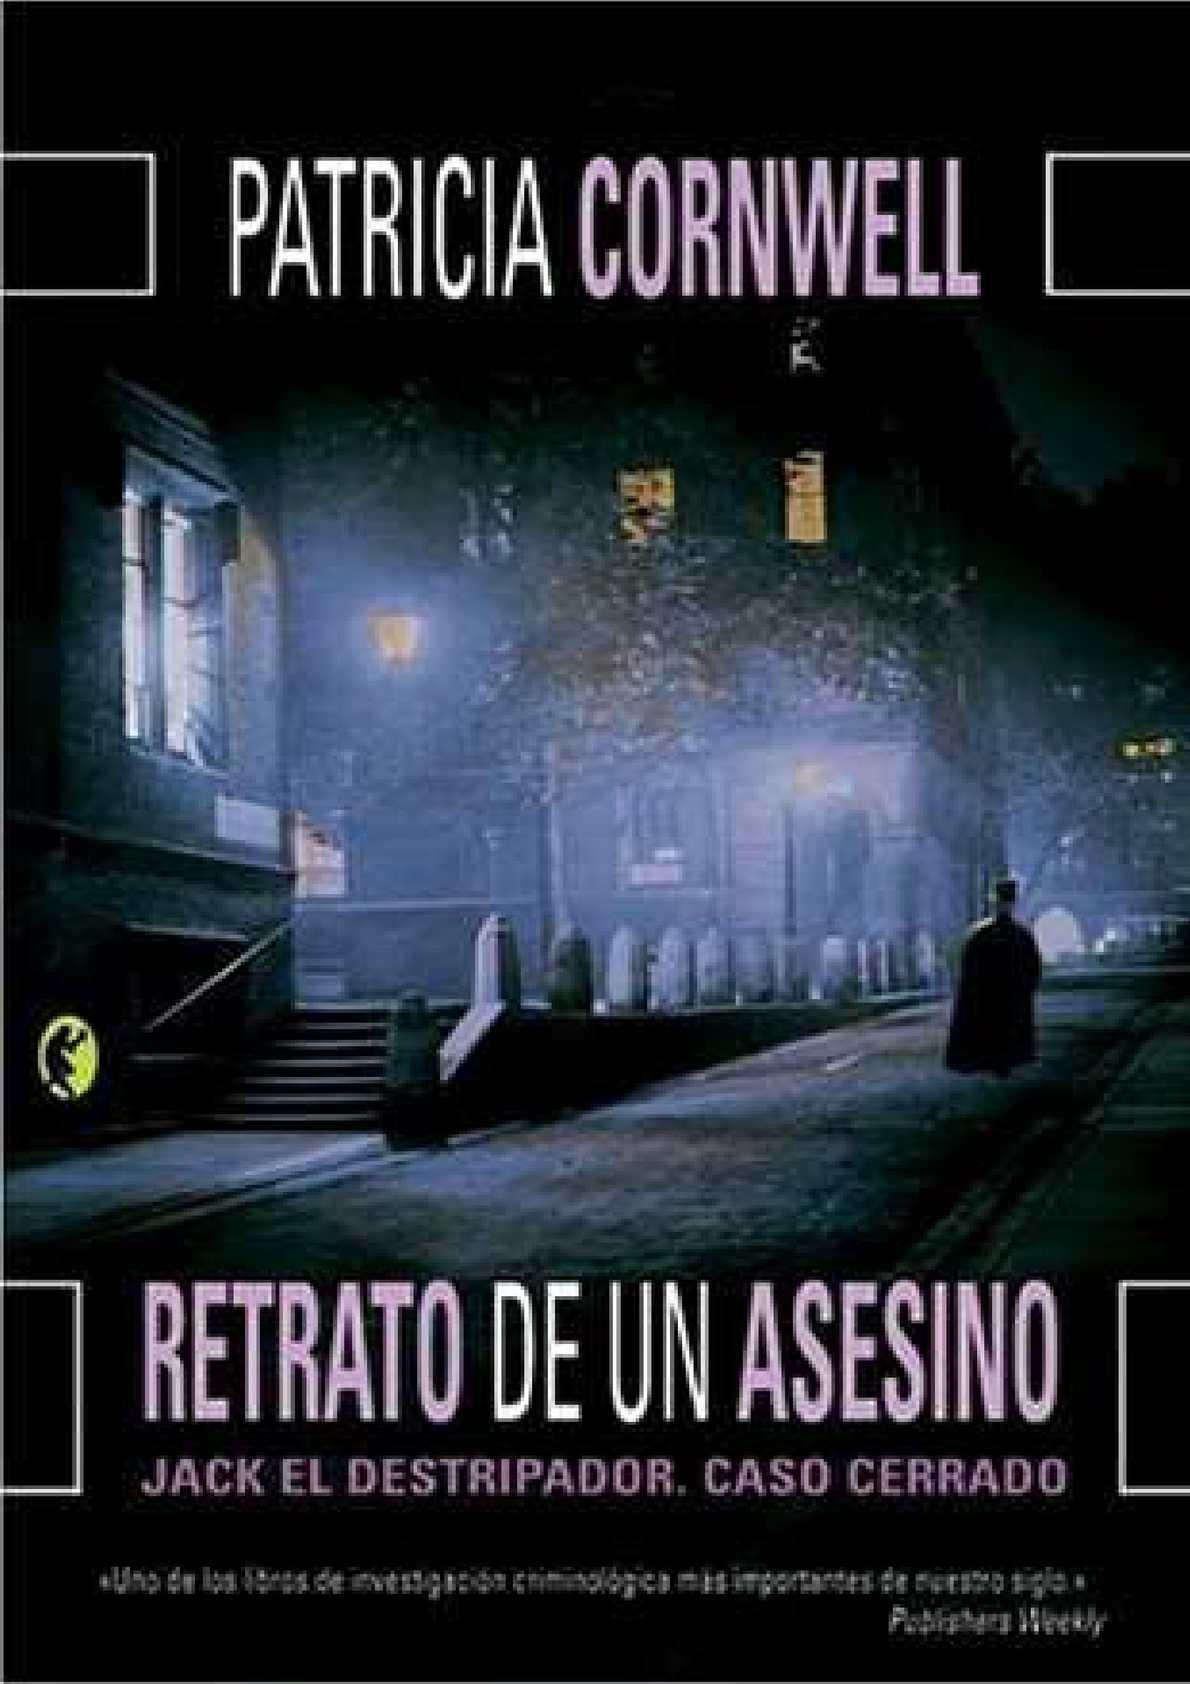 Calaméo - RETRATO DE UN ASESINO patricia cornweii 96a6f8109f4